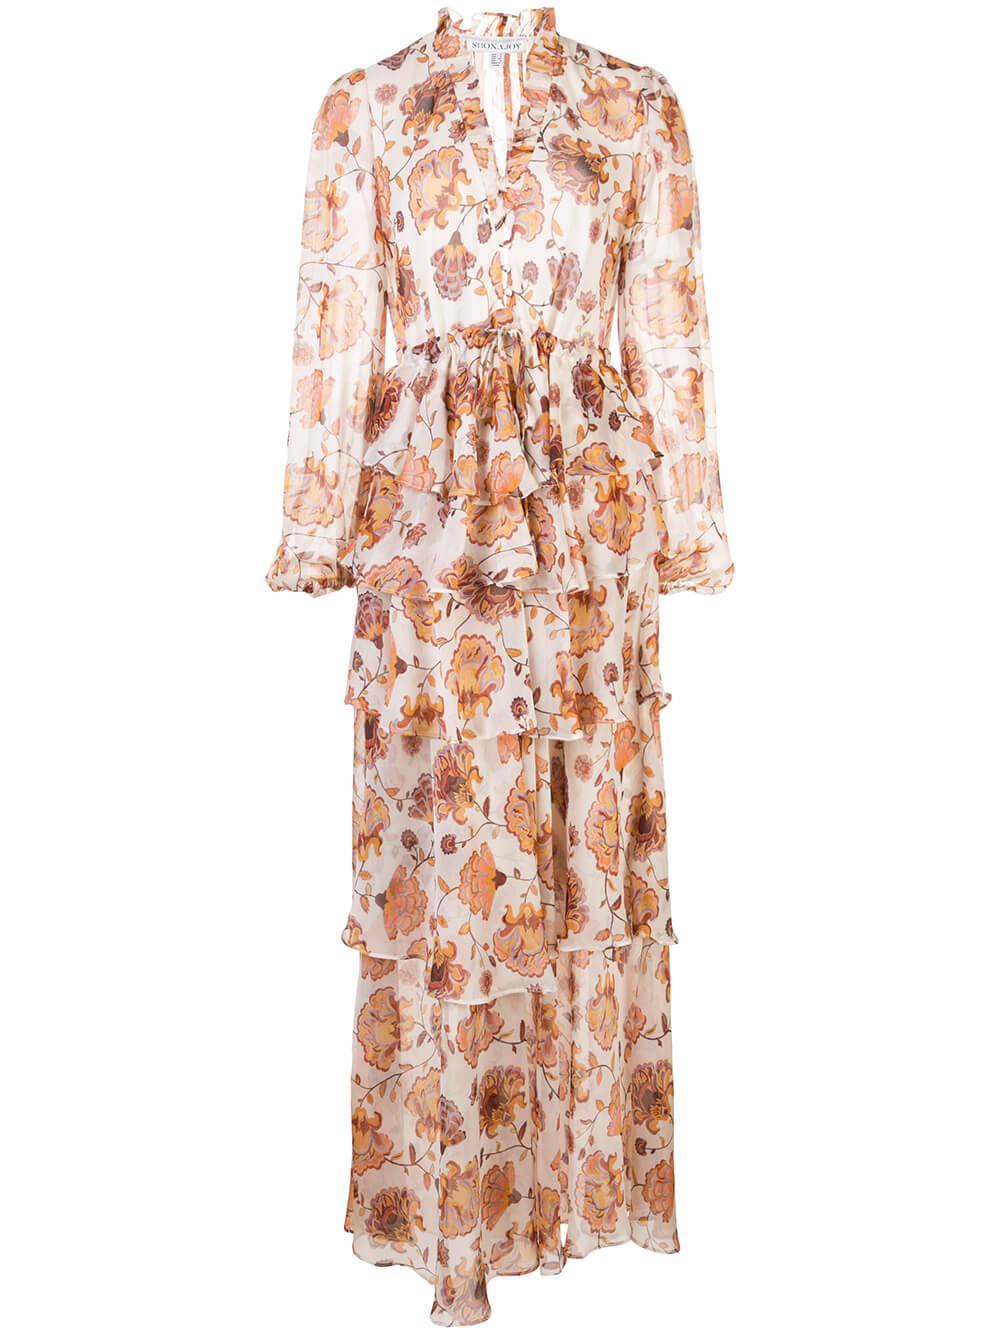 Baez Tiered Maxi Dress Item # SJ4733